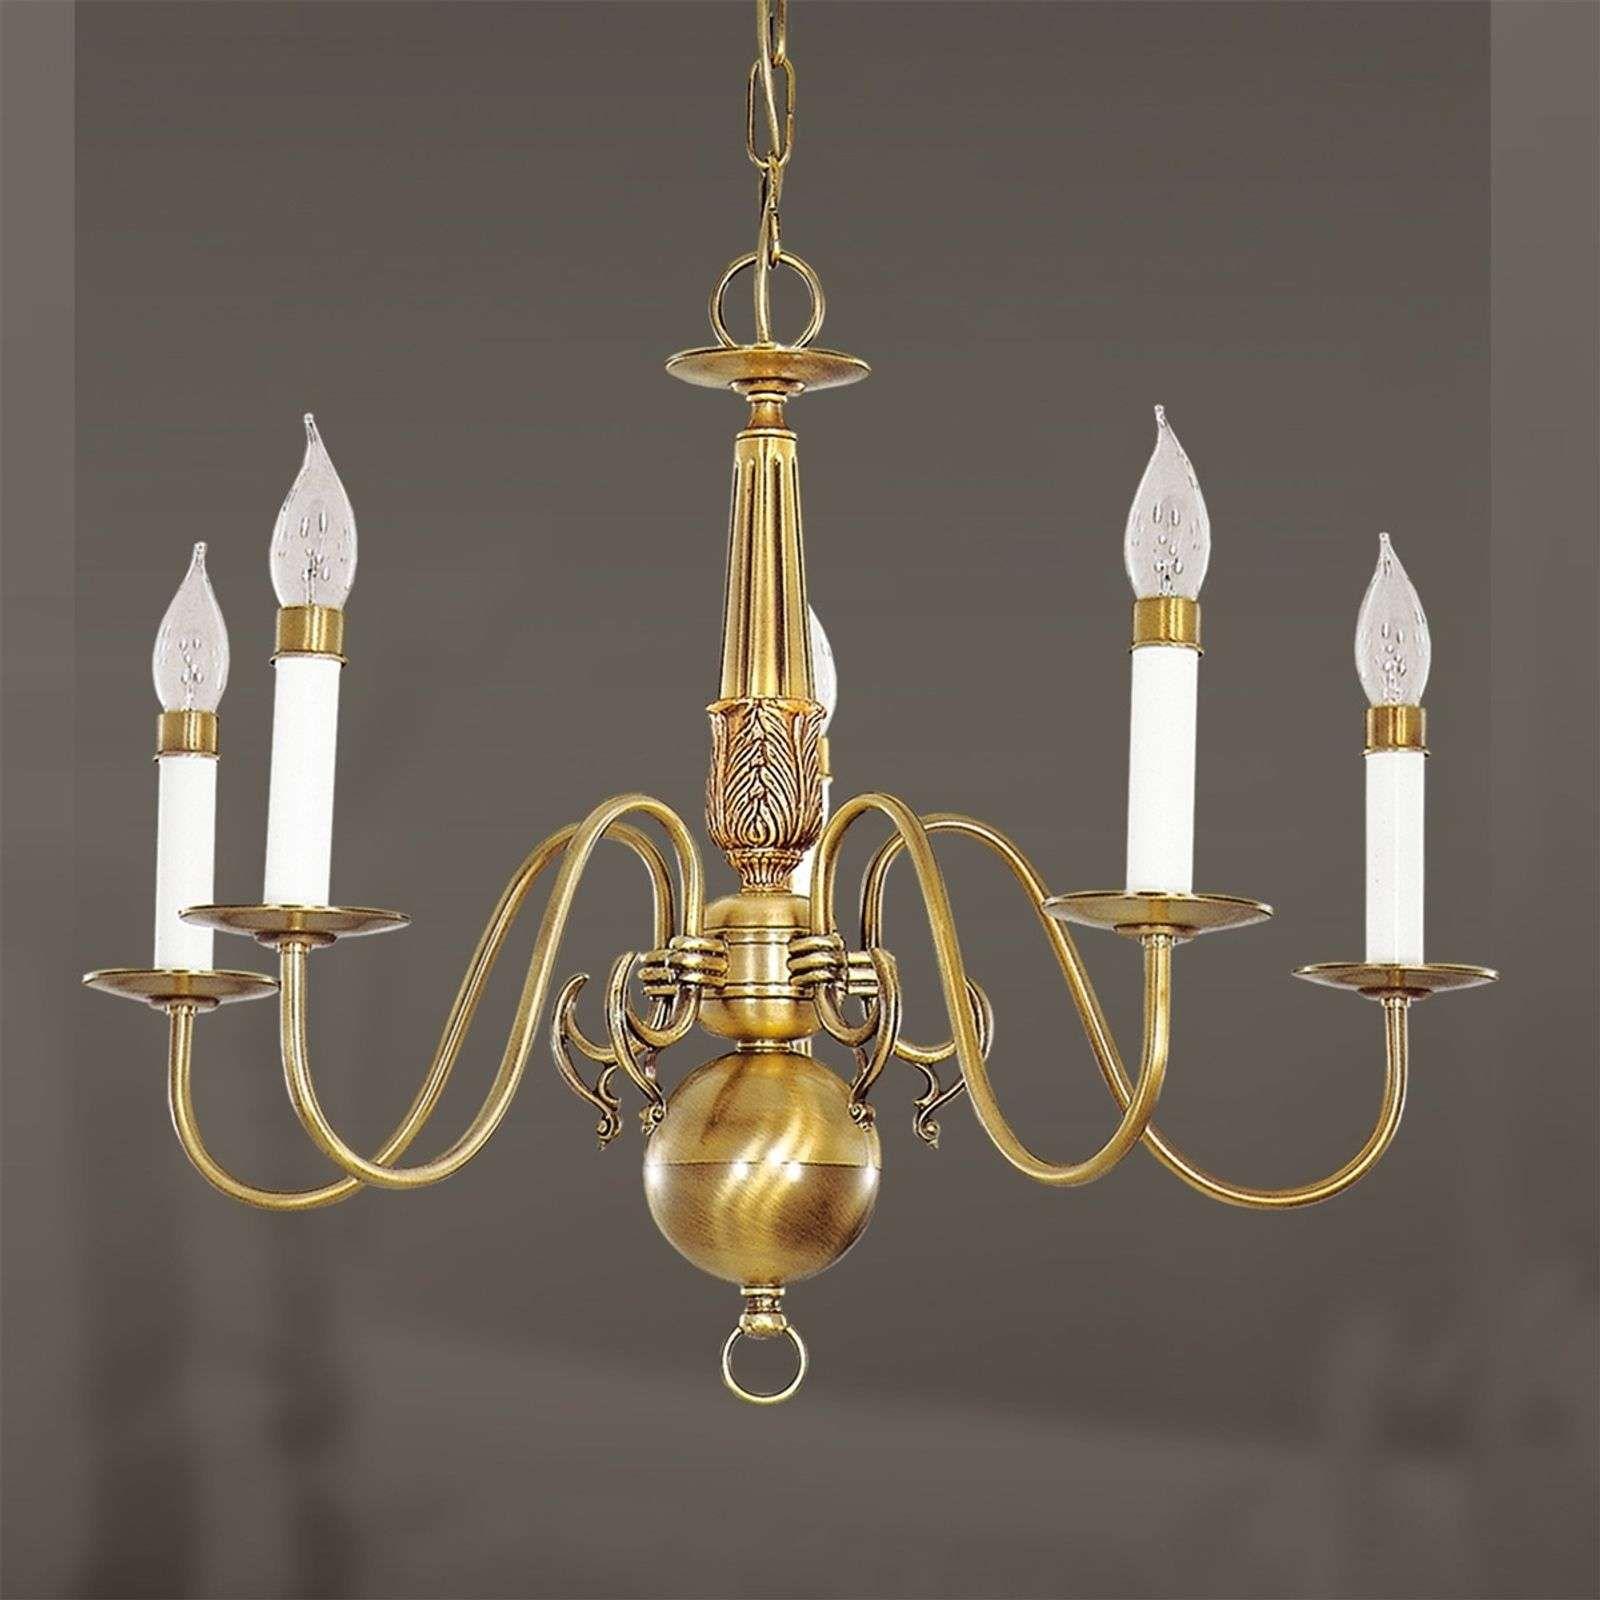 de de noche de mesa modernalampara diseño techo lampara 5ARjL4